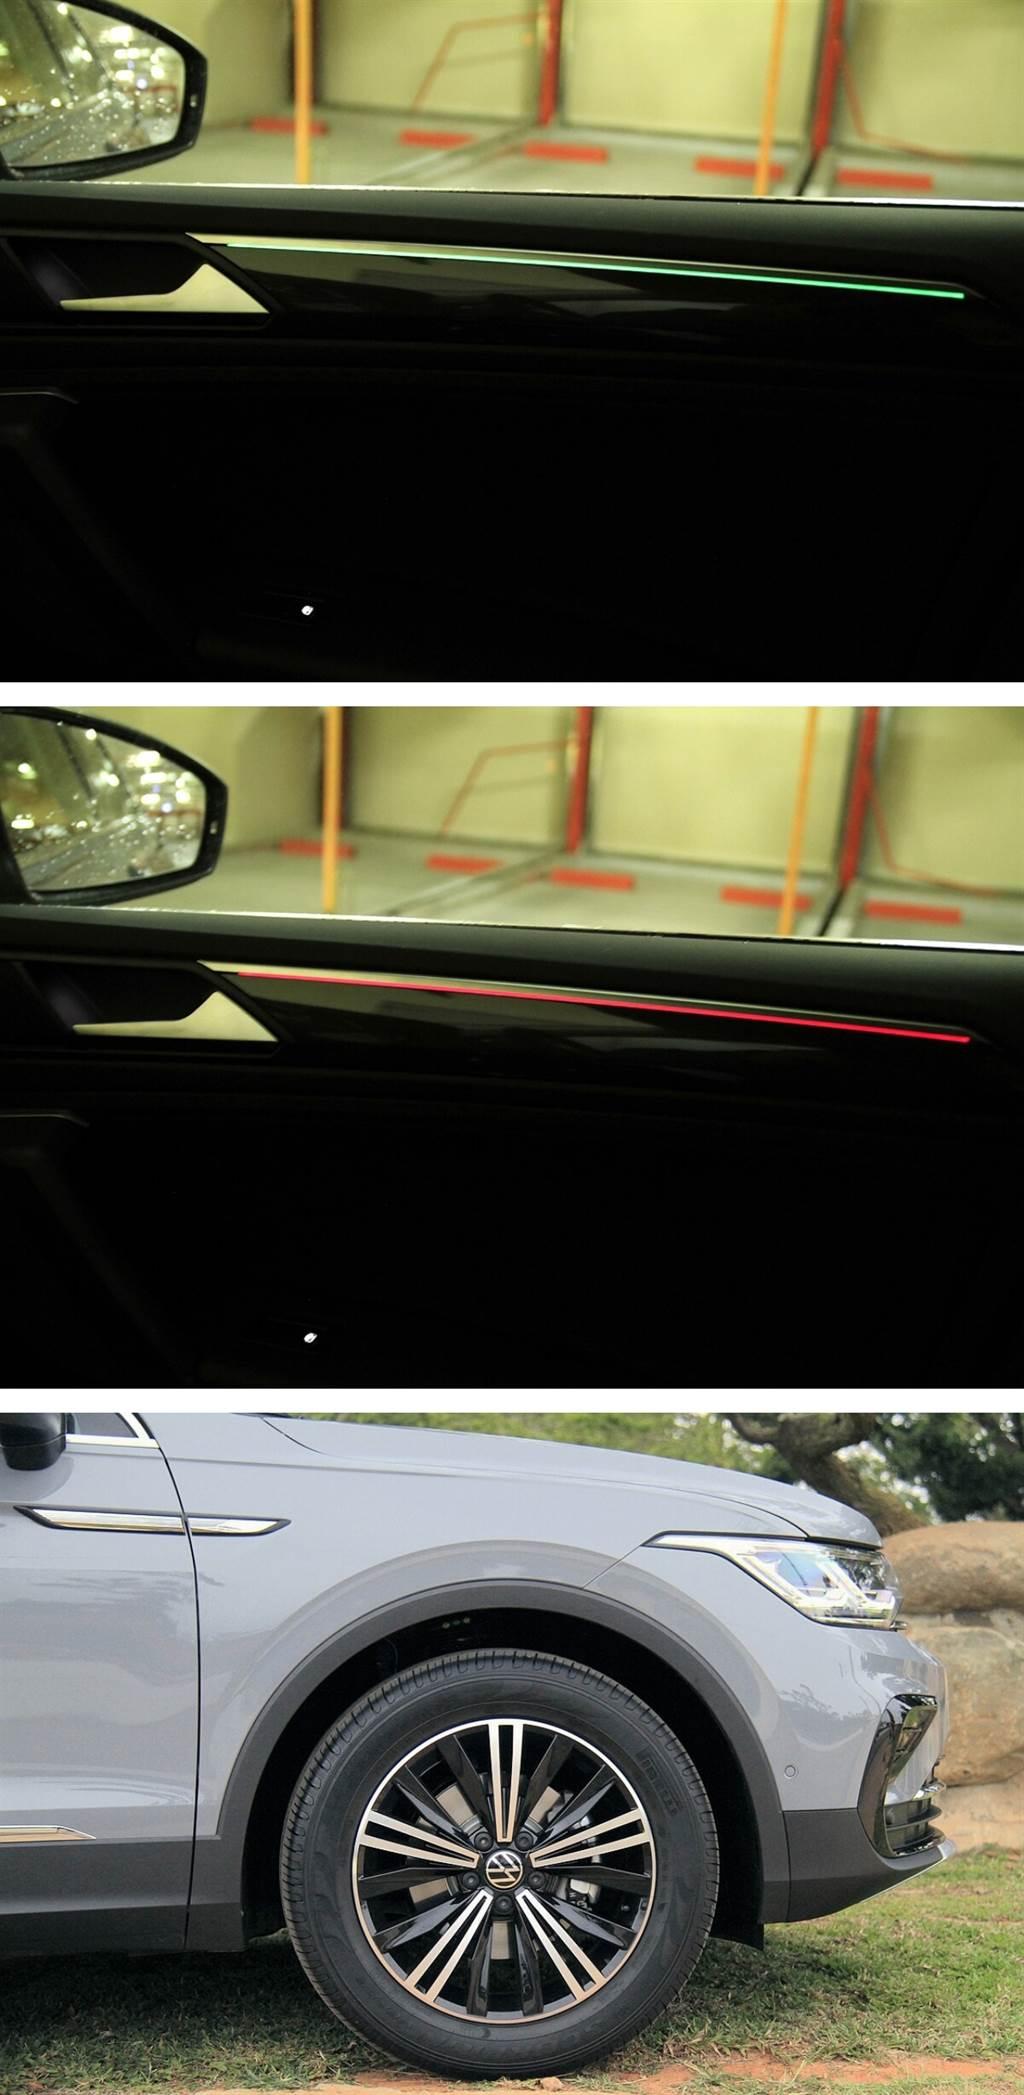 雖然Tiguan 280 TSI Elegance所配置的18吋輪胎挺「胖」的,但雙色輪圈造型還不錯,以及標配Self-Sealing穿刺防護胎,在美觀與安全方面扳回許多。